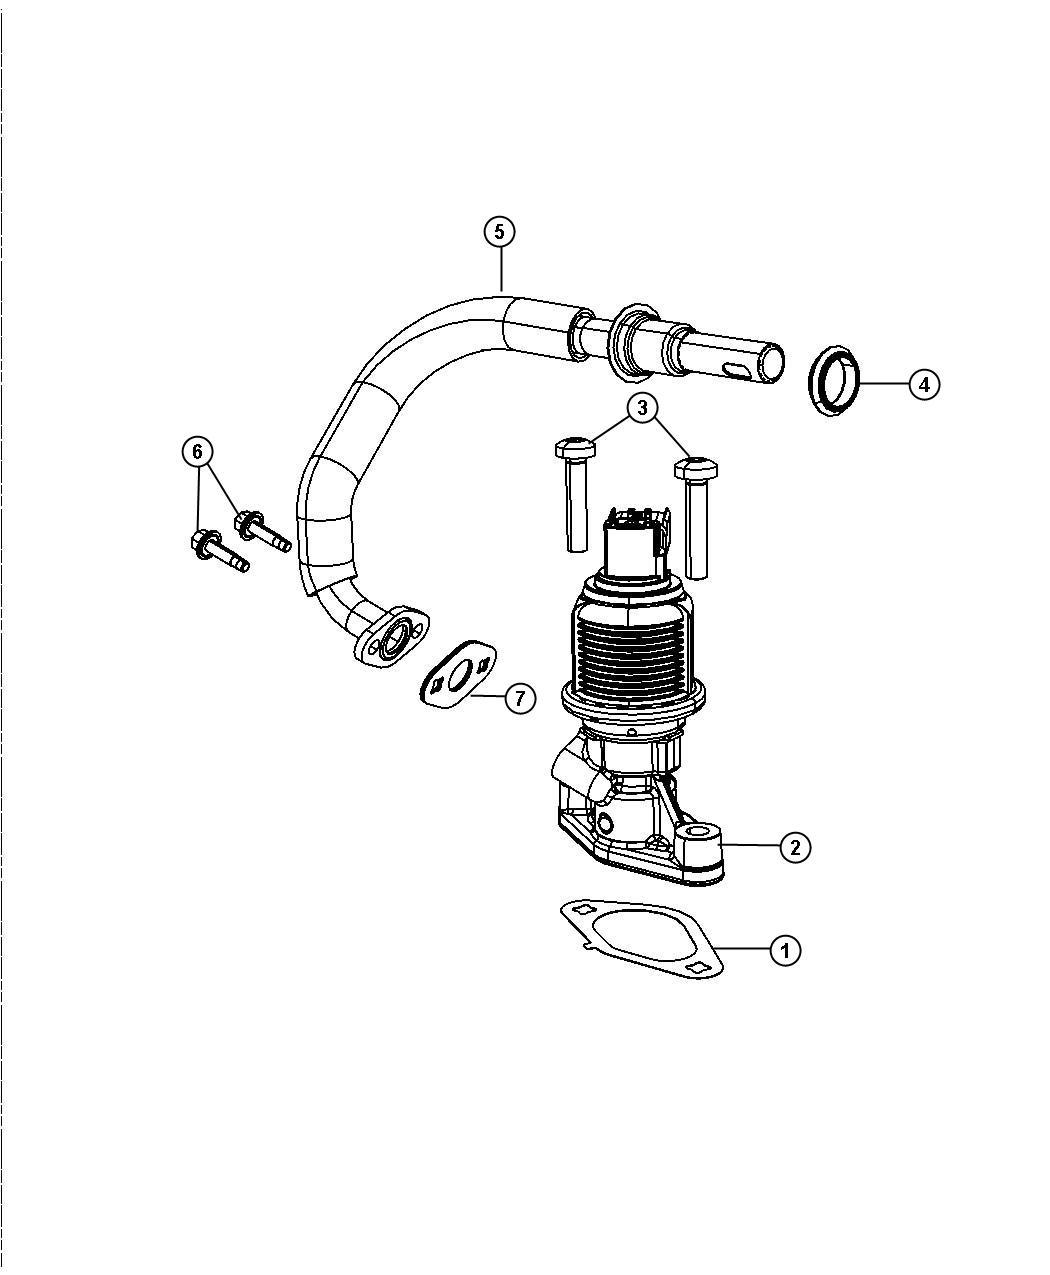 tags: #2002 ford ranger egr valve#2001 ford ranger egr valve#2004 ford  ranger egr valve#ford ranger 4 0 egr valve location#2001 ford ranger egr  valve